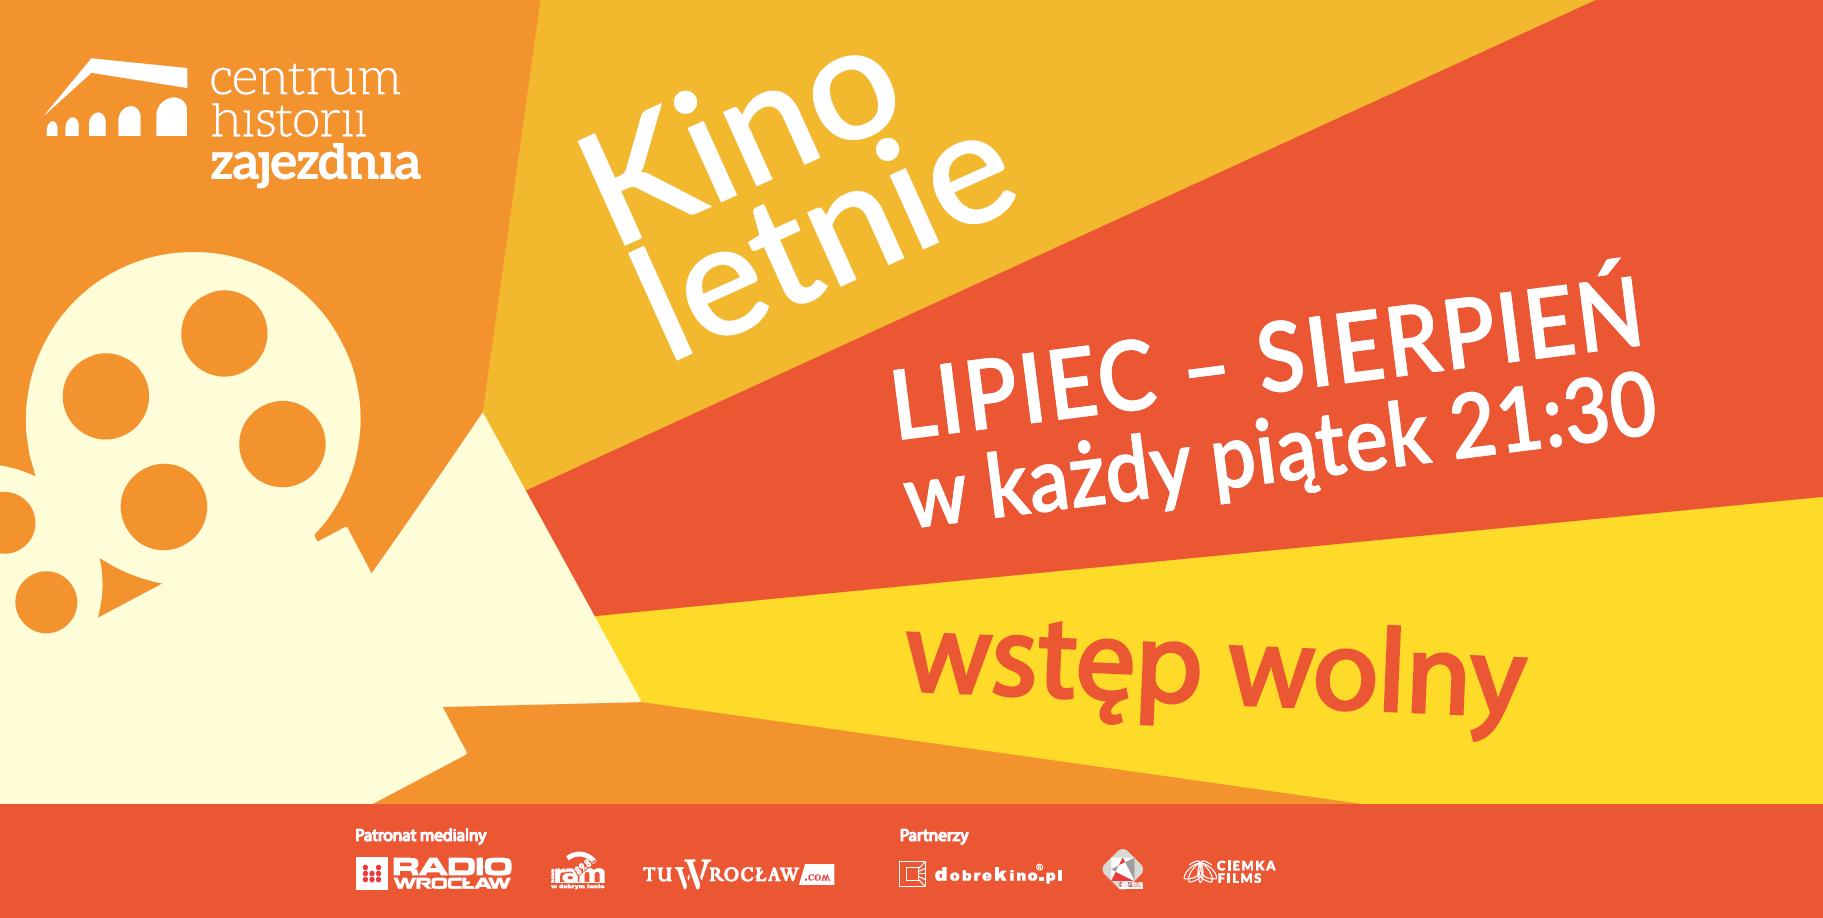 Darmowe kino letnie (Wrocław, Centrum Historii Zajezdnia)